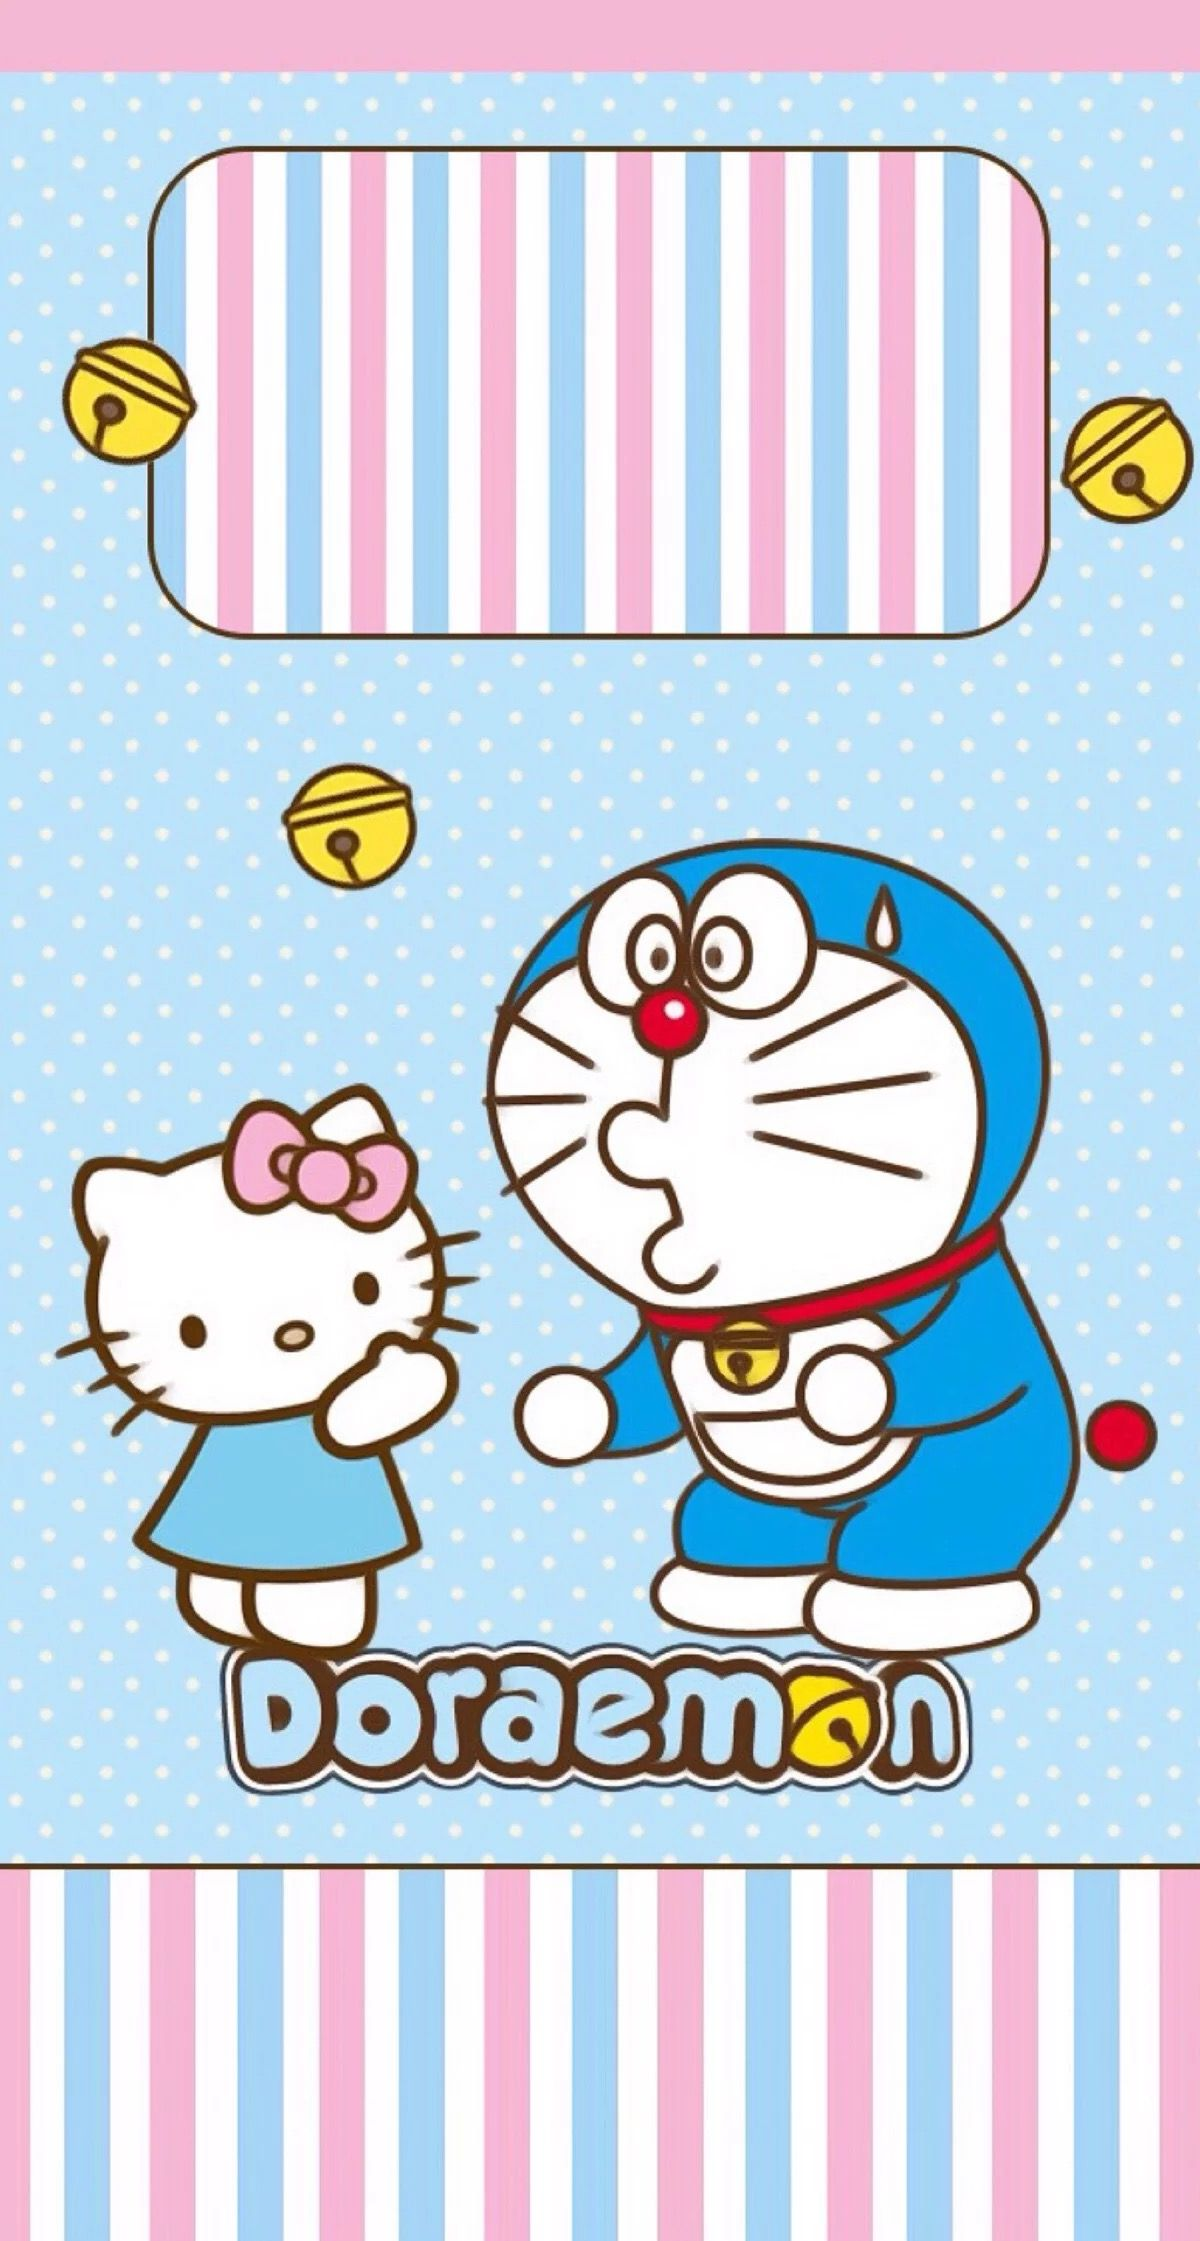 Pin Oleh Ruan Ivan Di Kt 1 8 June Wararnya Kartun Wallpaper Iphone Desain Logo Doraemon picture wall wallpaper price